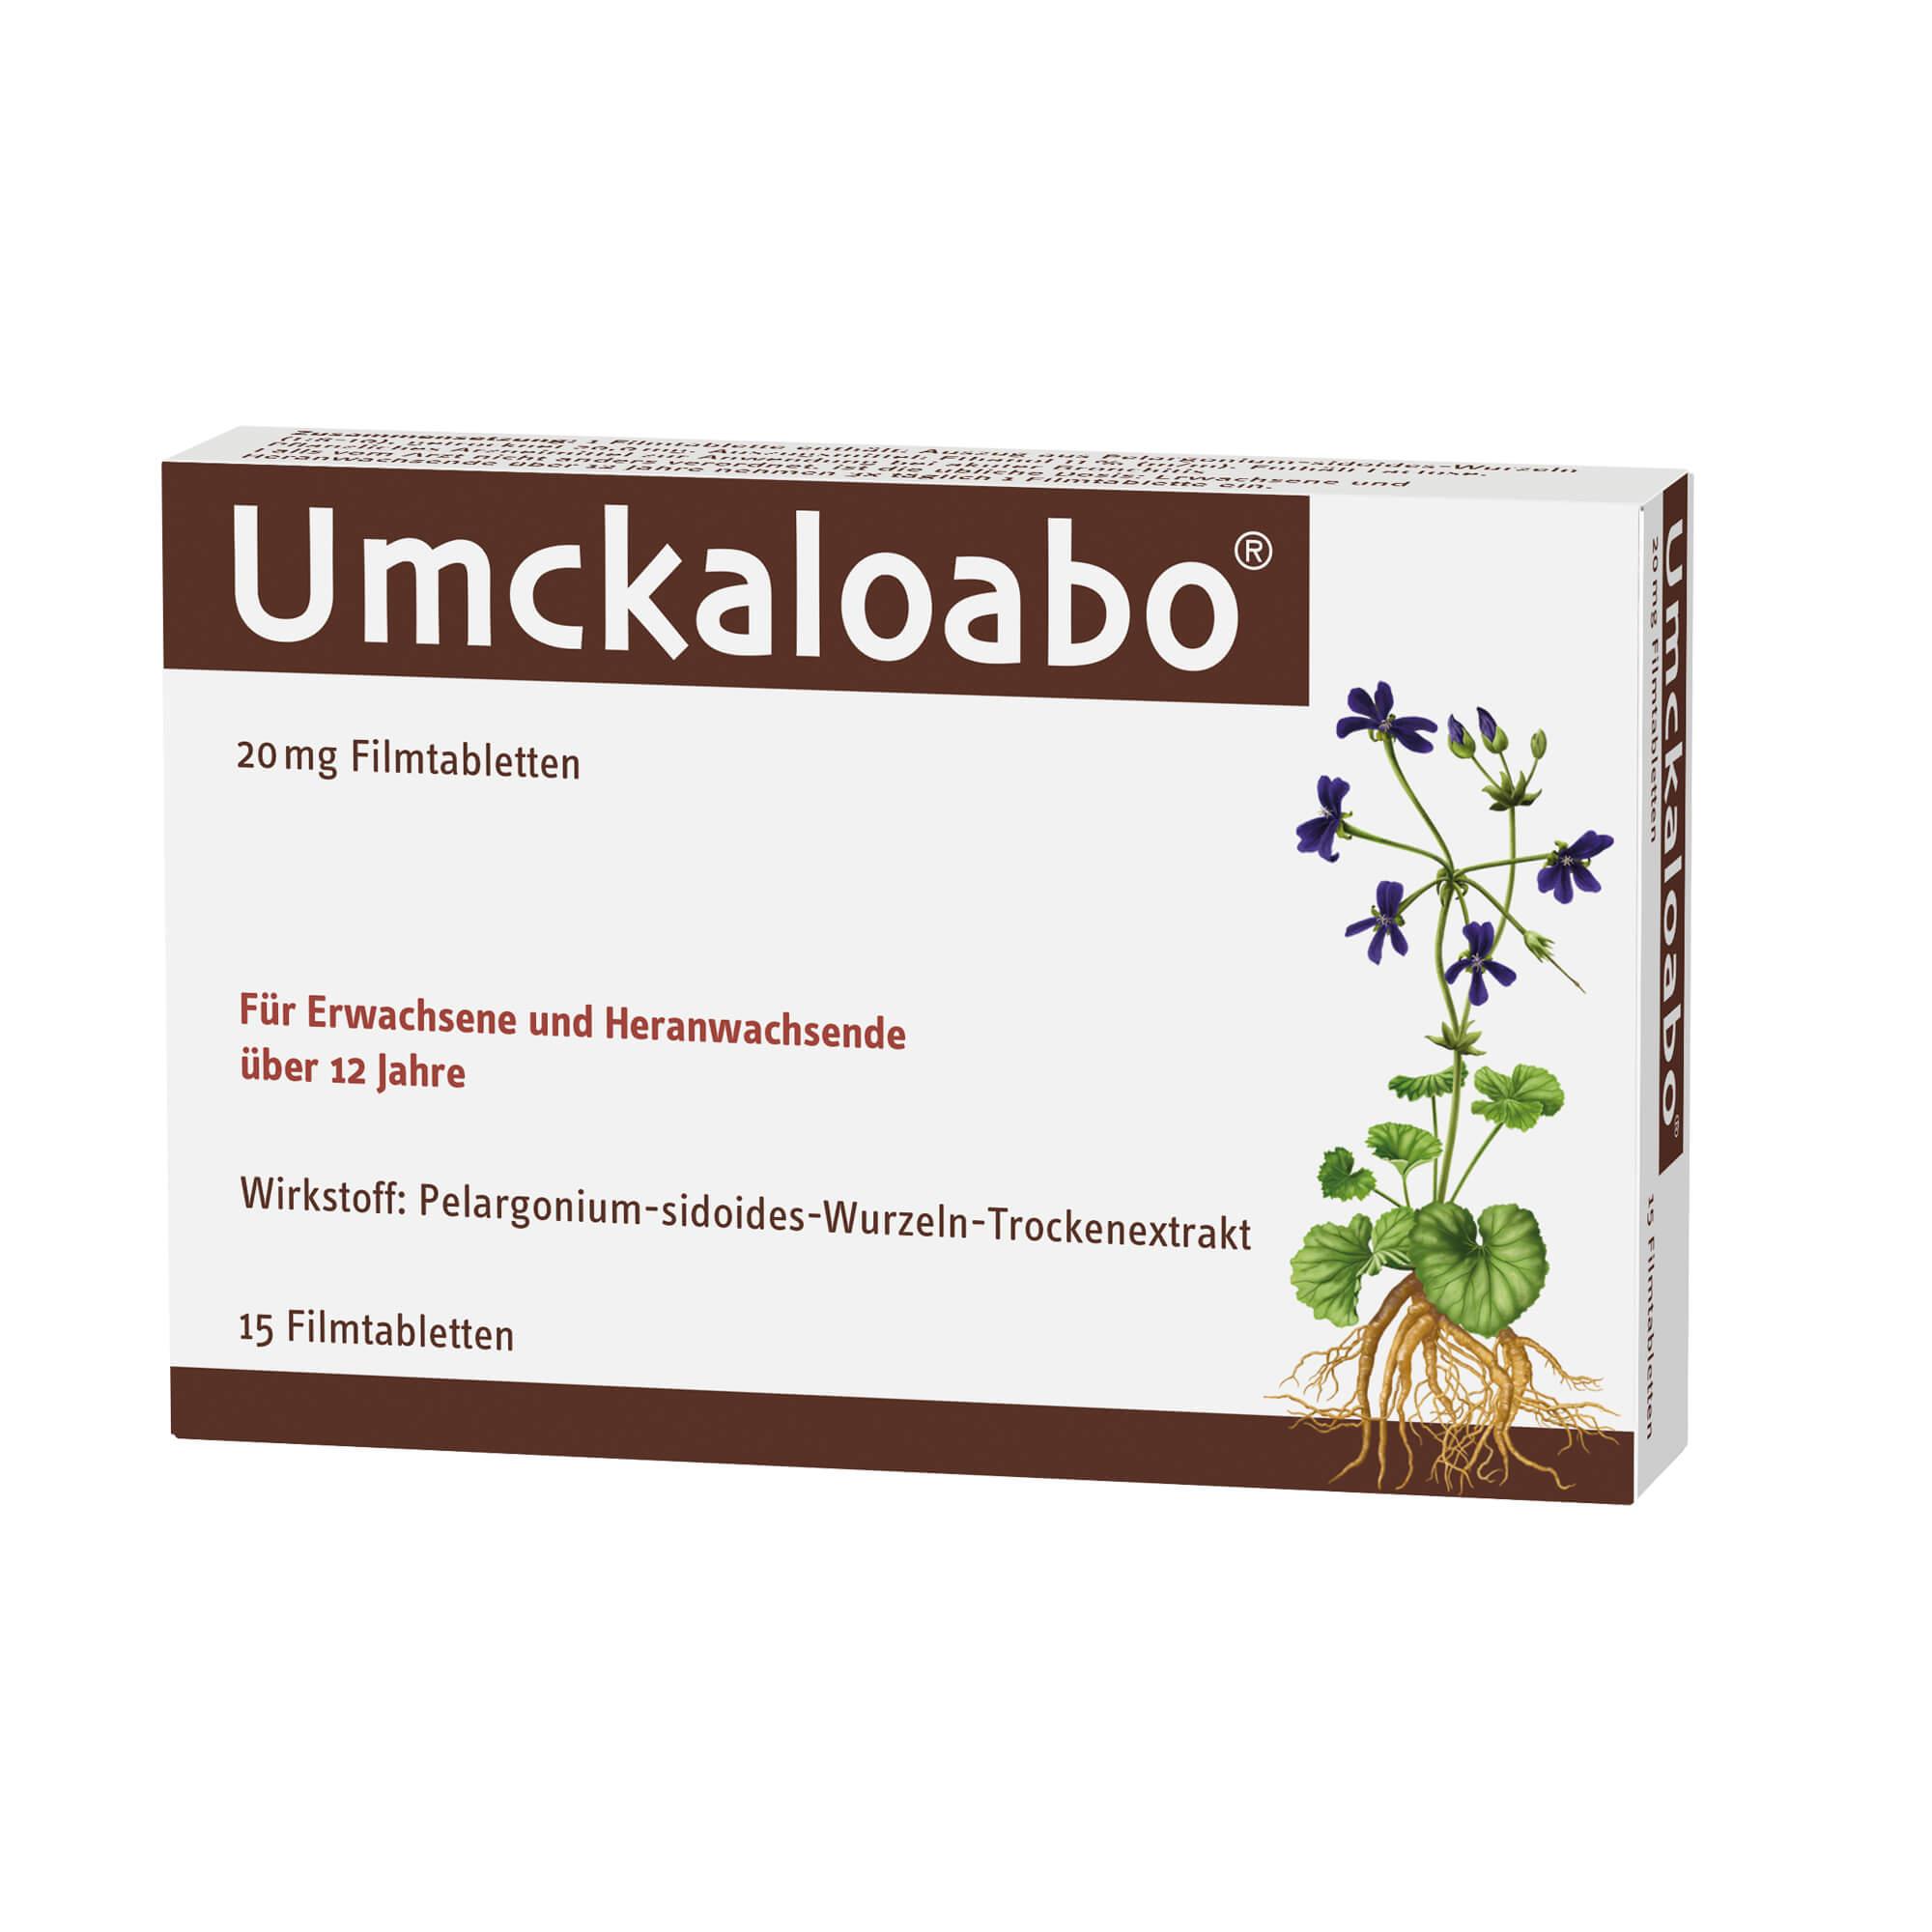 Umckaloabo 20 mg